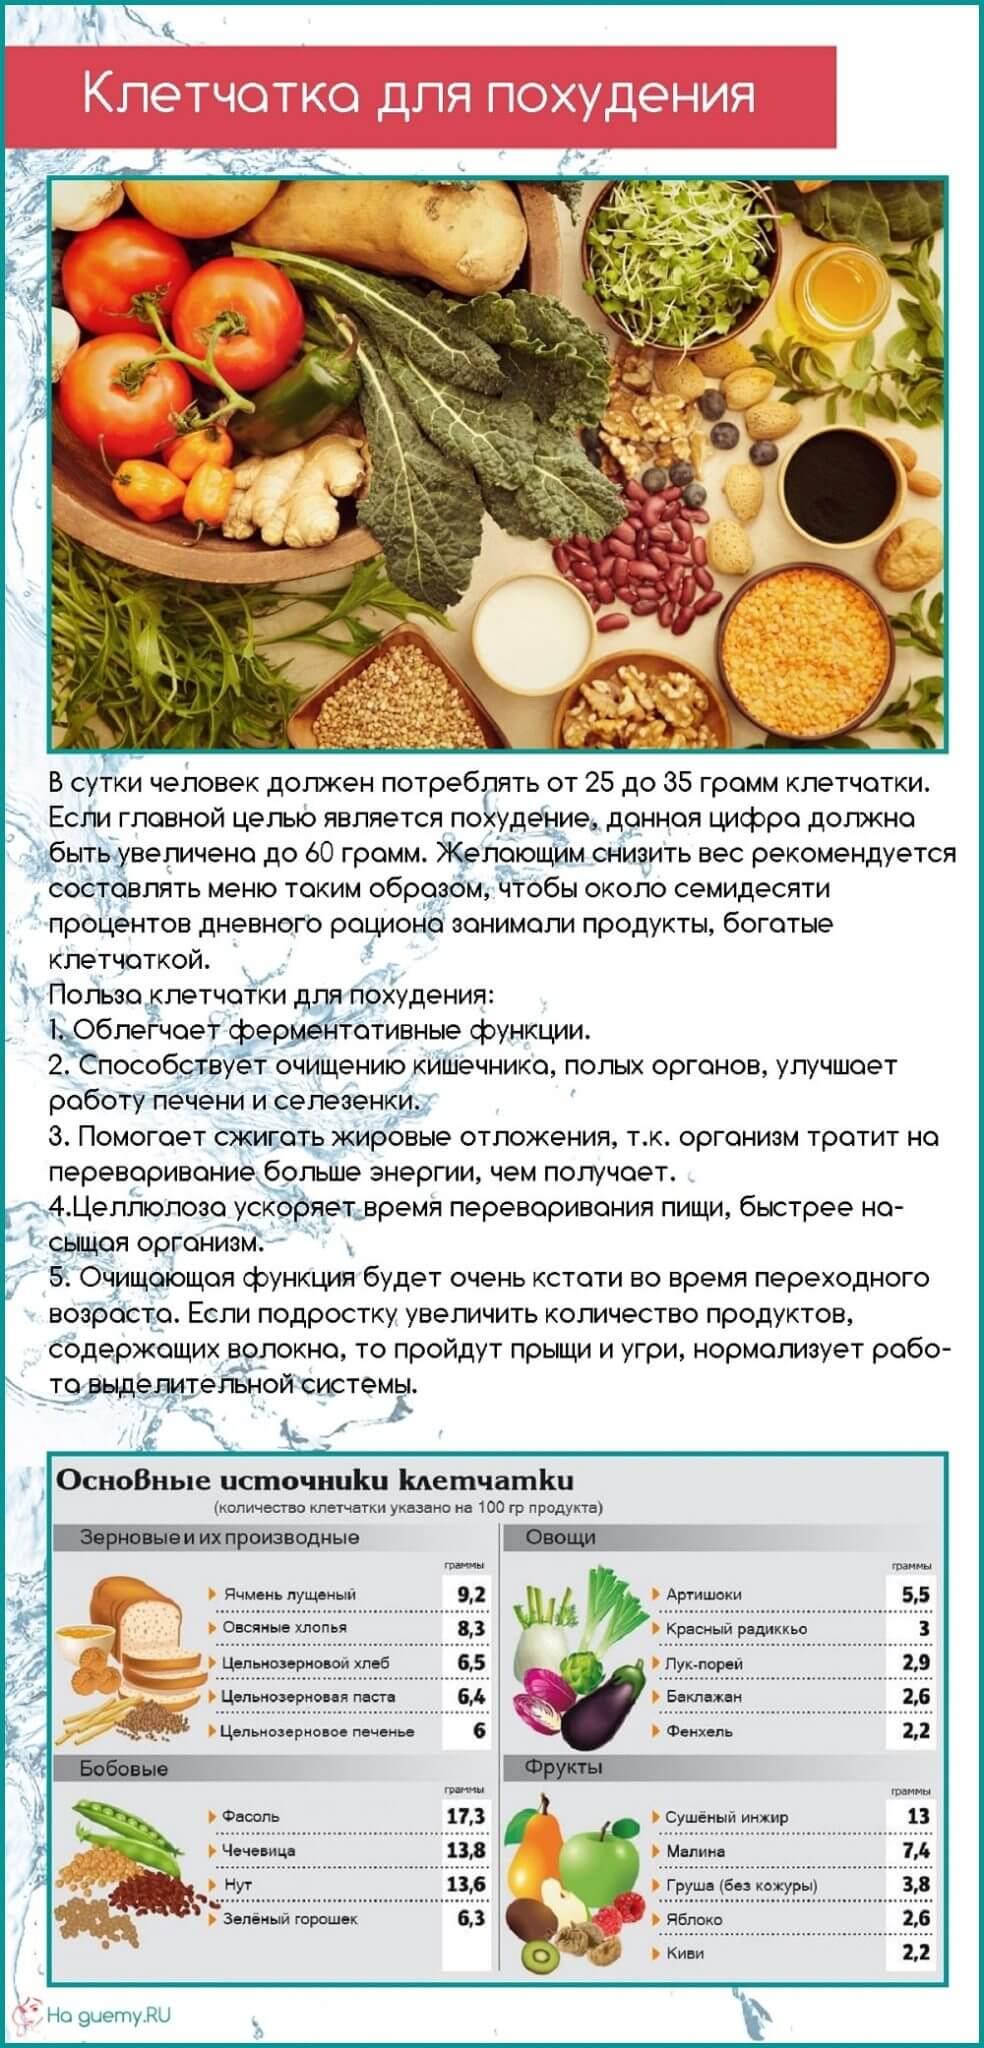 Сухая диета для похудения: отзывы, меню, результаты, рецепты